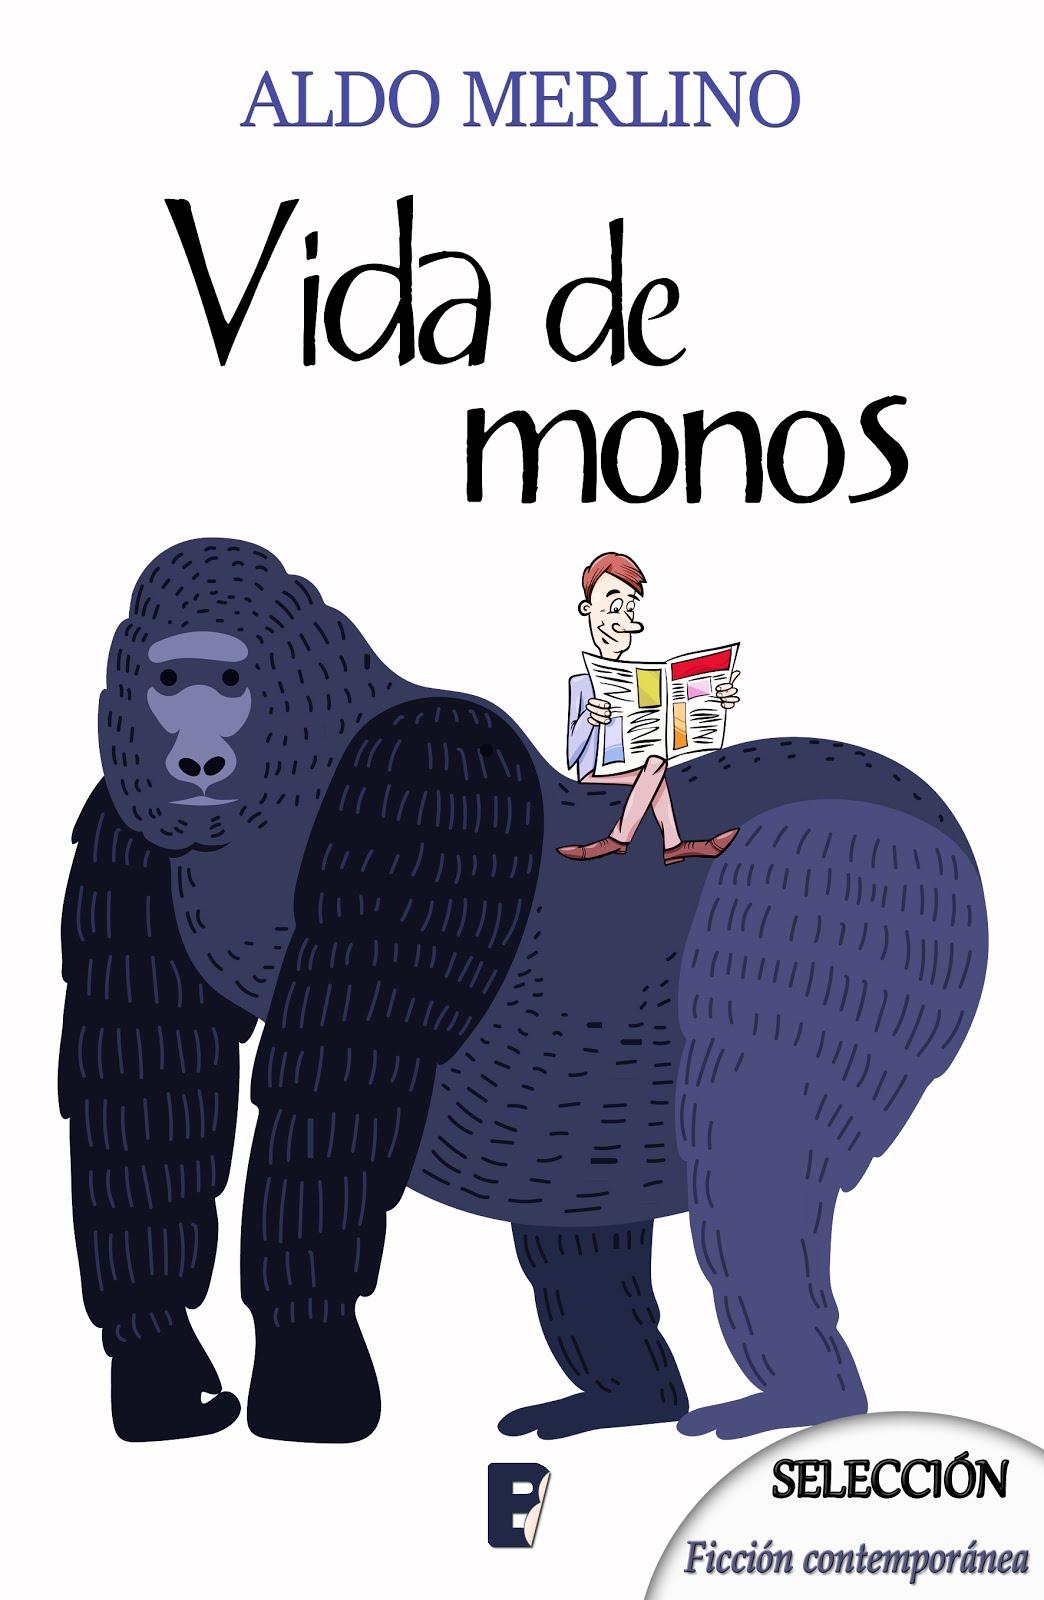 Libro recomendado del mes, Vida de monos